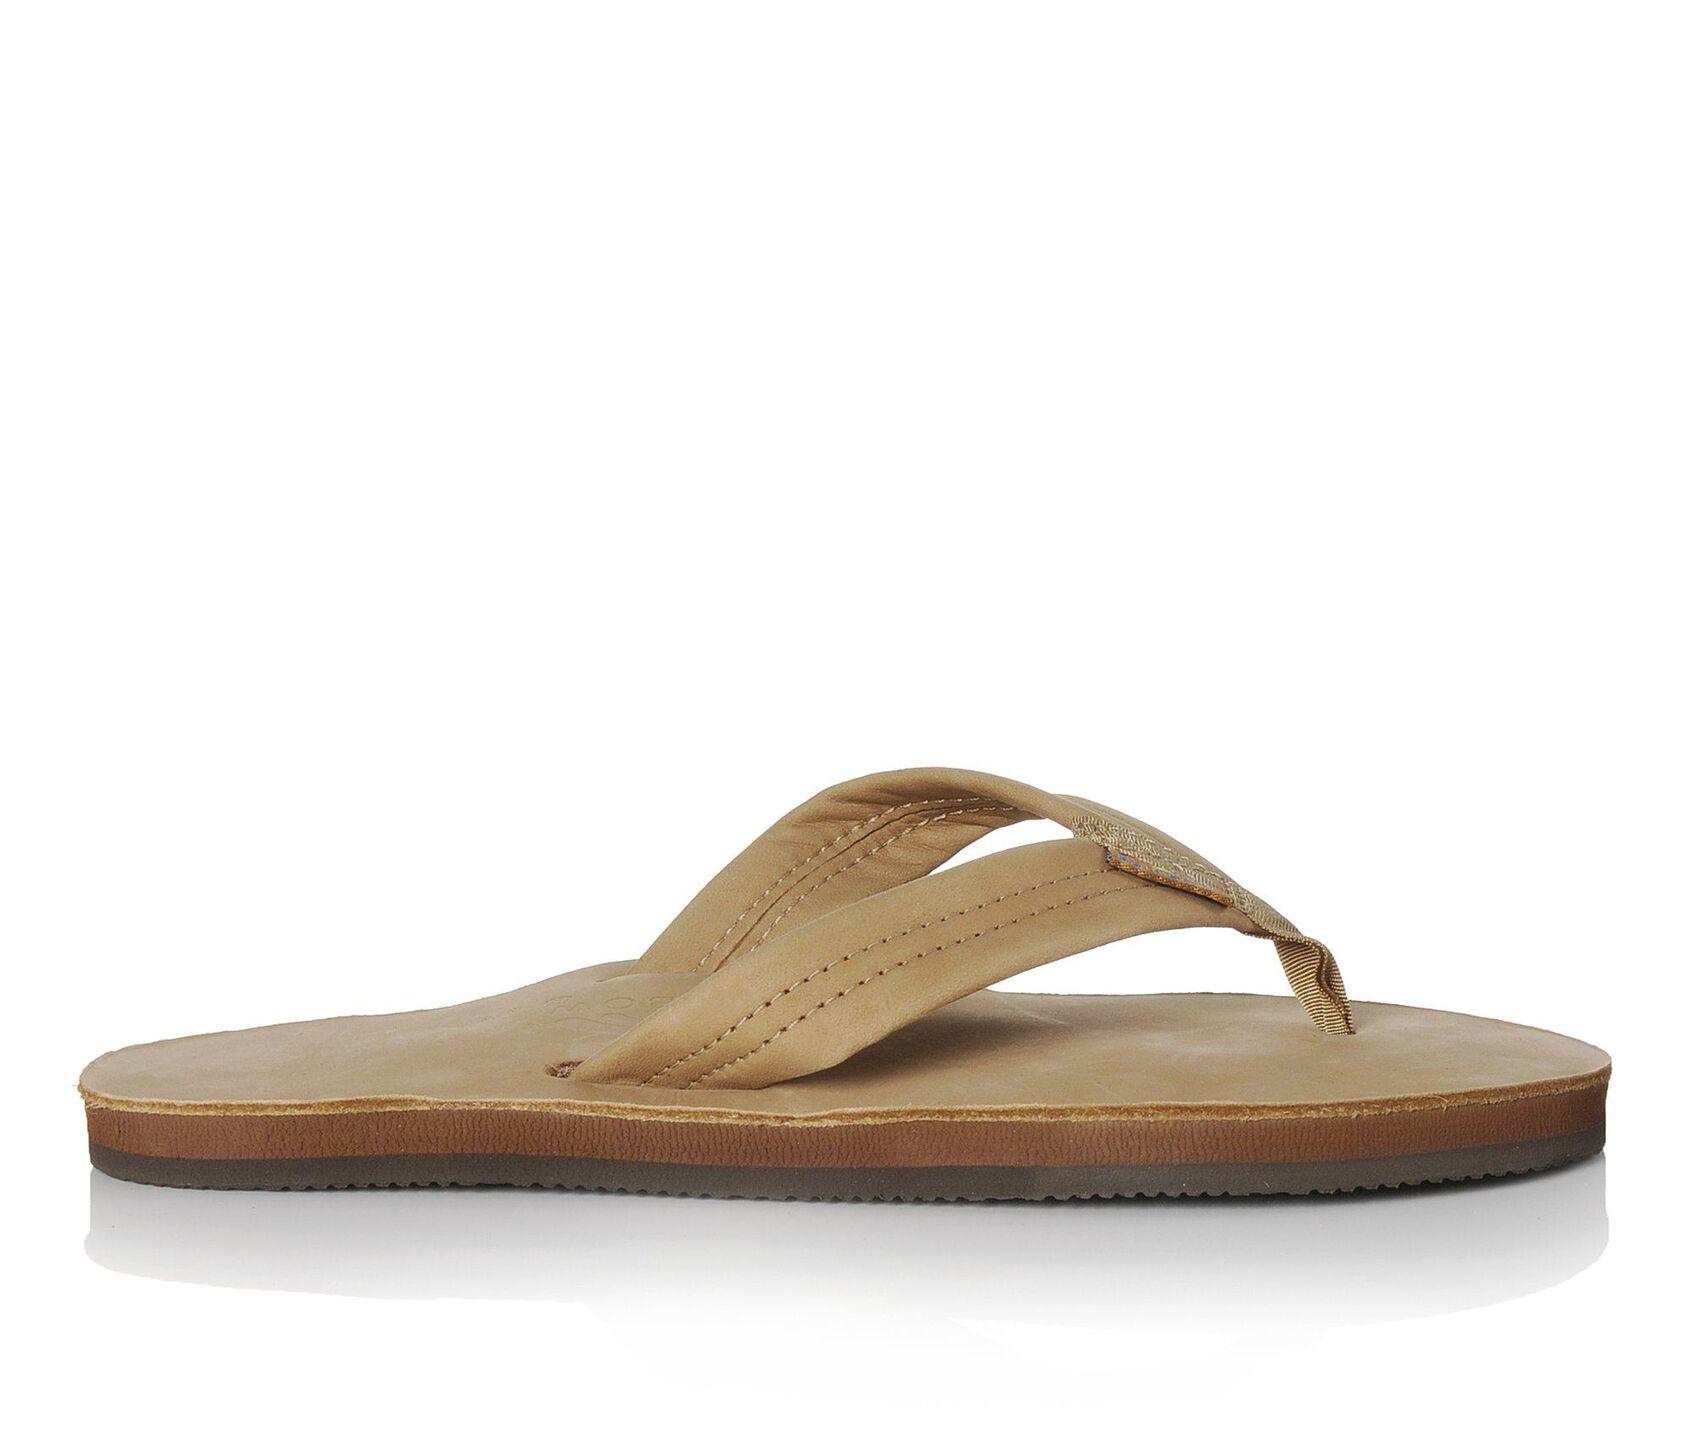 275890a7e143 Men s Rainbow Sandals 301 - Premium Single Flip-Flops